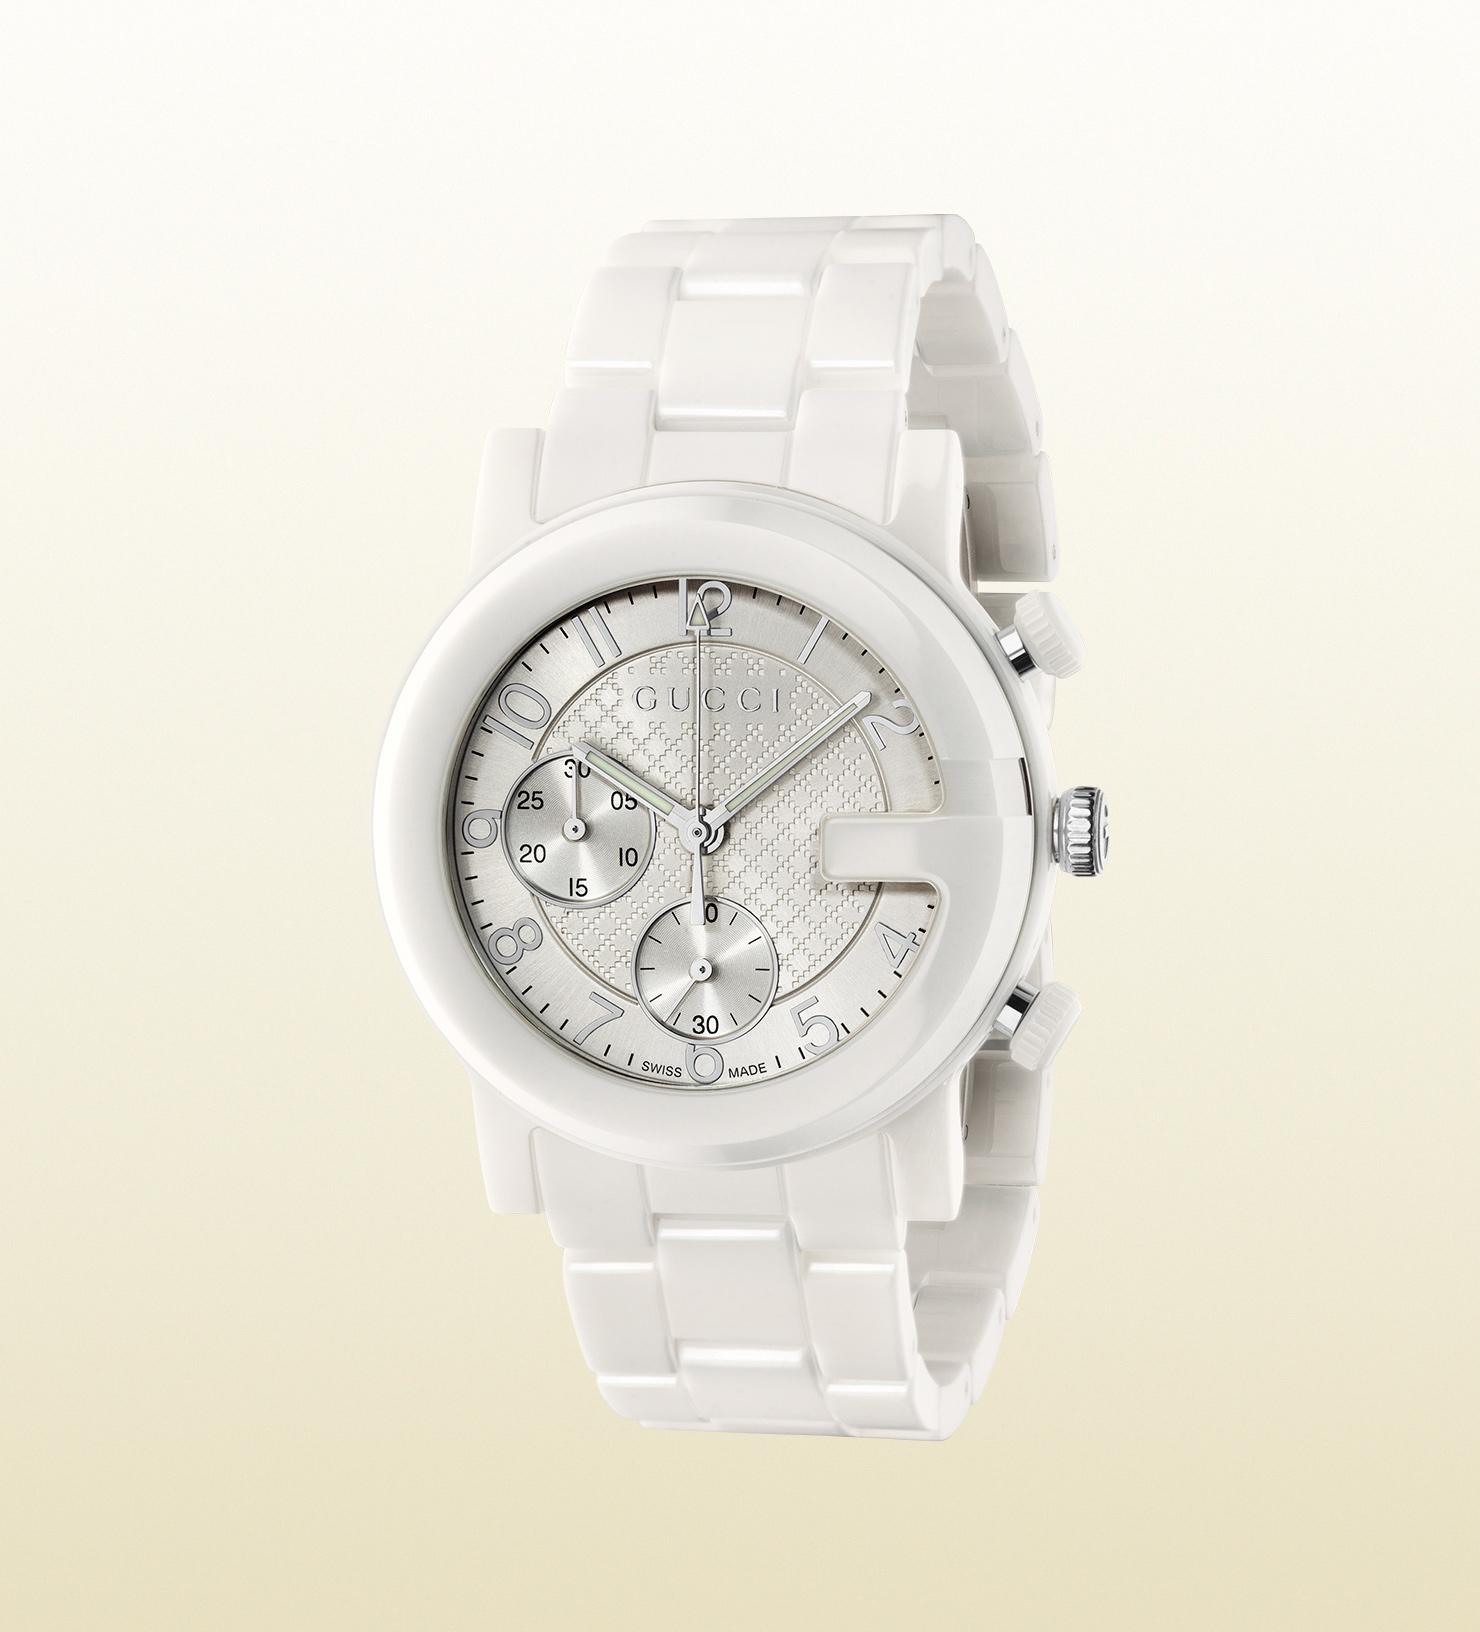 7e1c53f94 Gucci G-chrono Ceramic Watch in White - Lyst